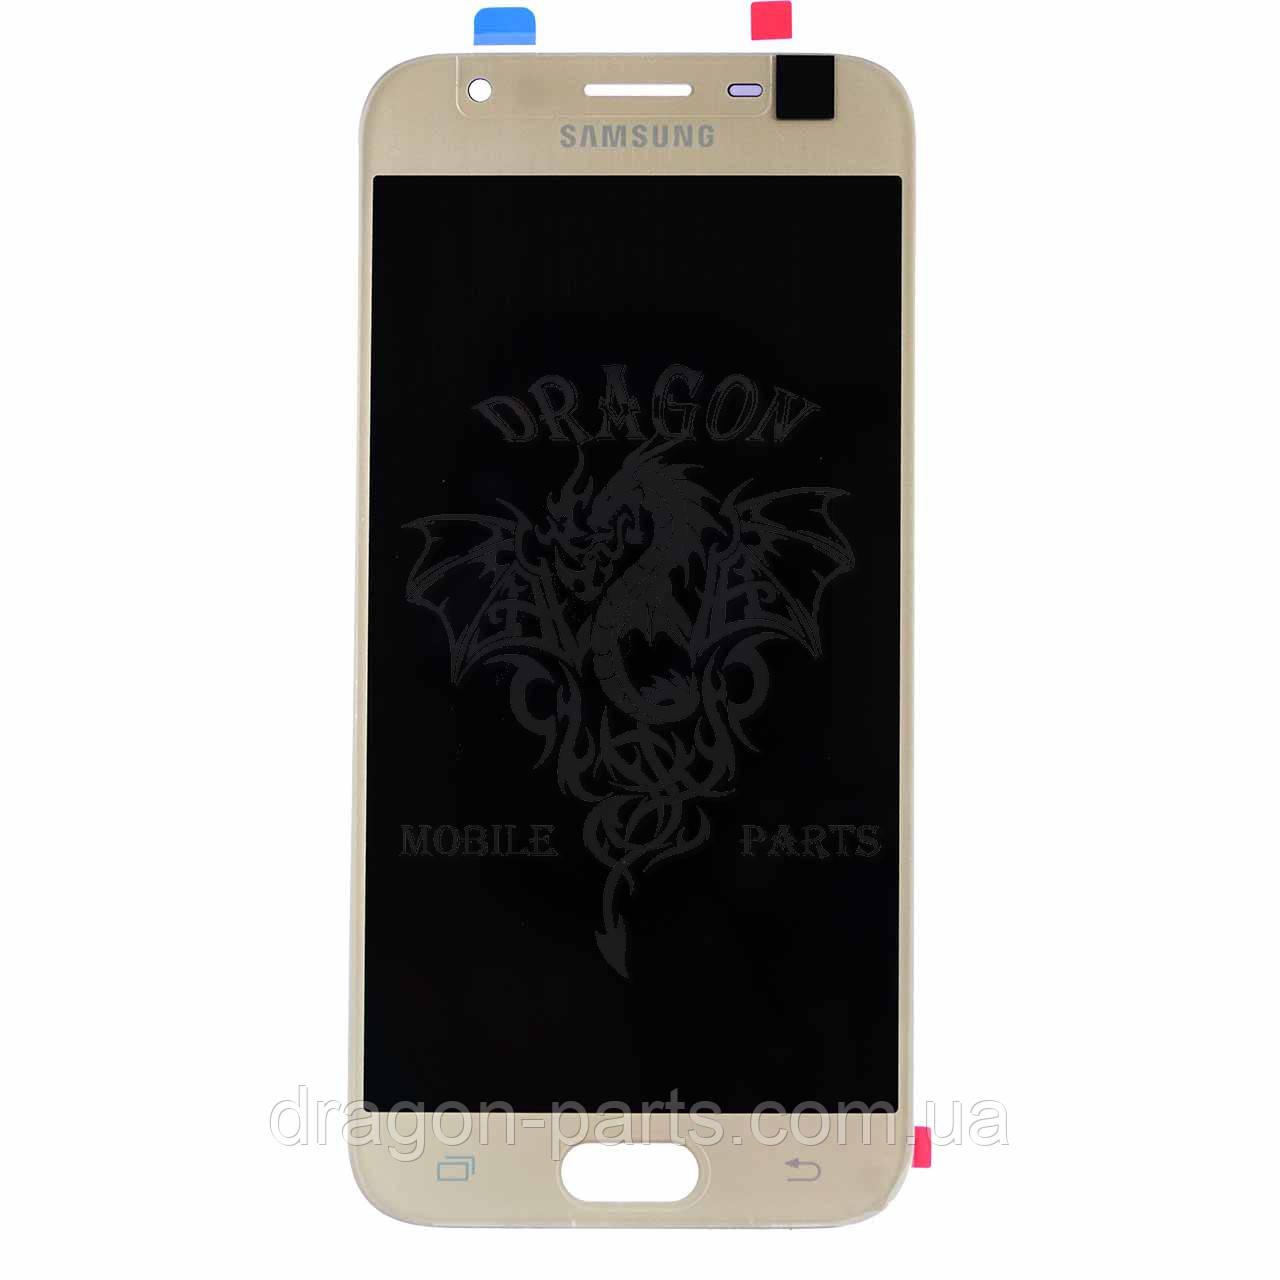 Дисплей Samsung J330 Galaxy J3 2017 с сенсором Золотой Gold оригинал, GH96-10990A